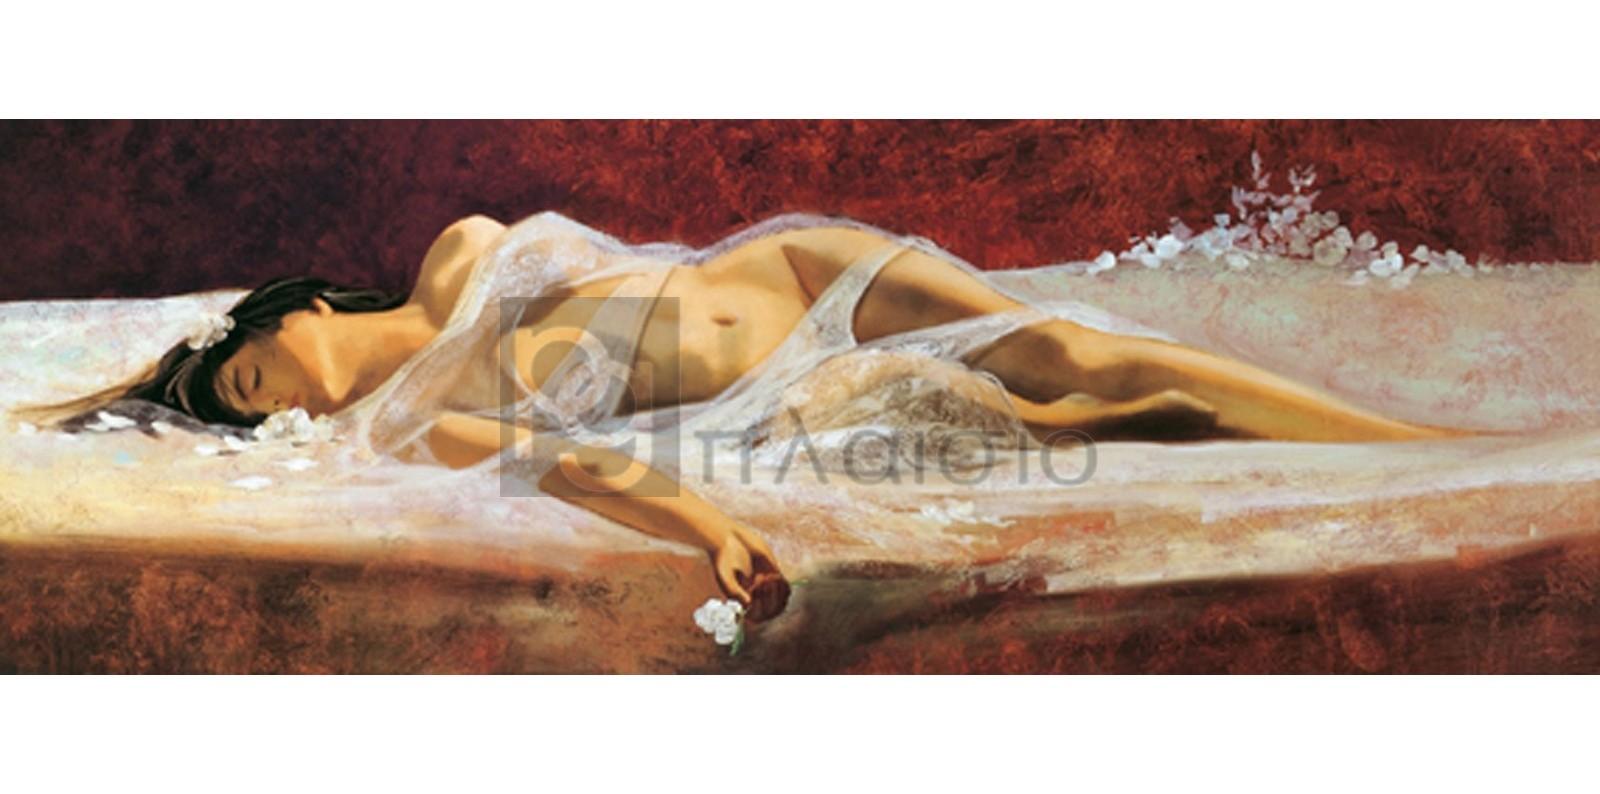 Ron Di Scenza - The Dream